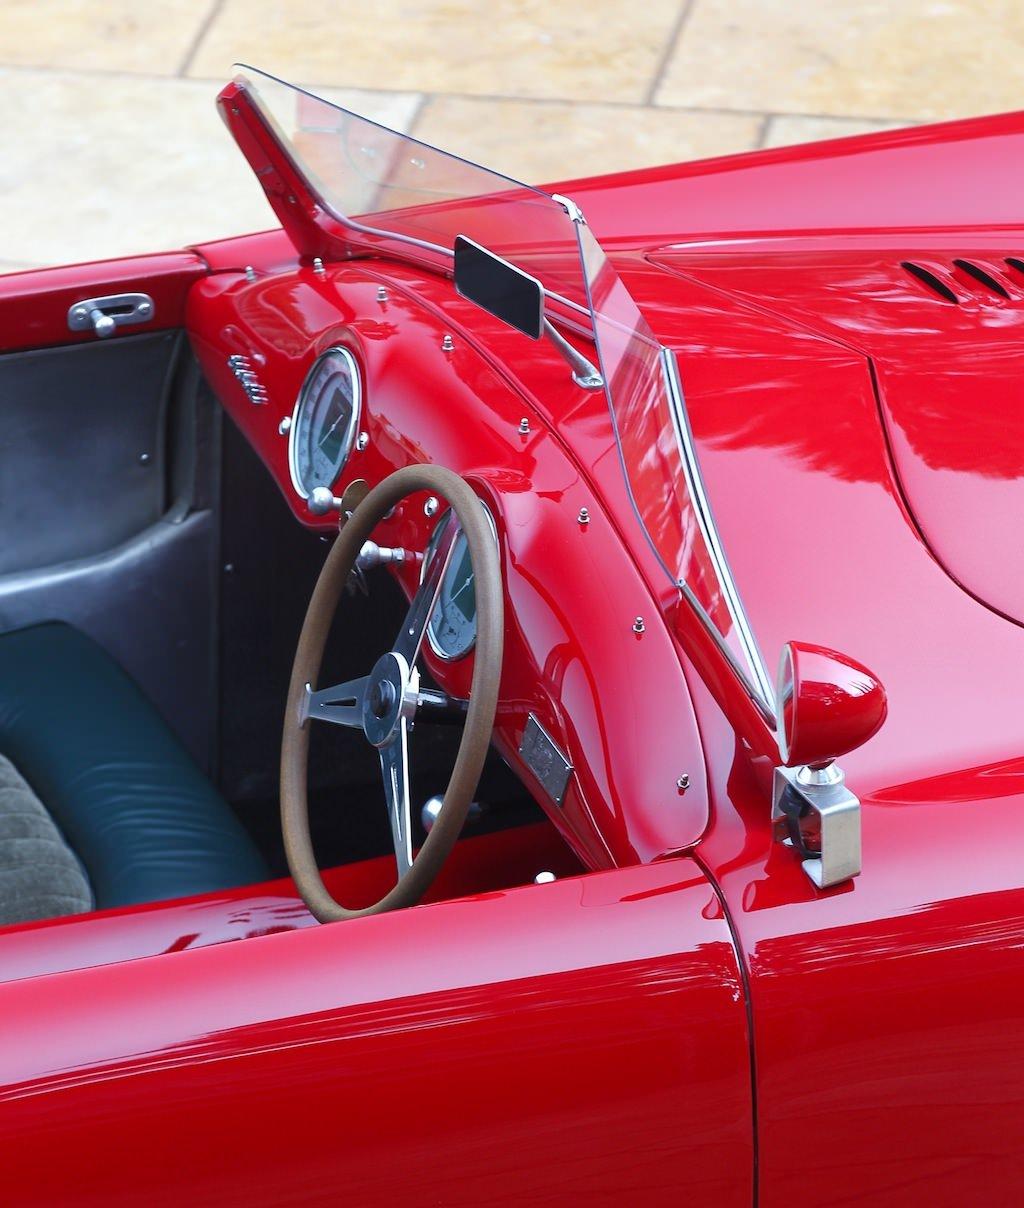 1947 Cisitalia 202 Spider Nuvolari 43 Cisitalia 202 SMM Spider Nuvolari